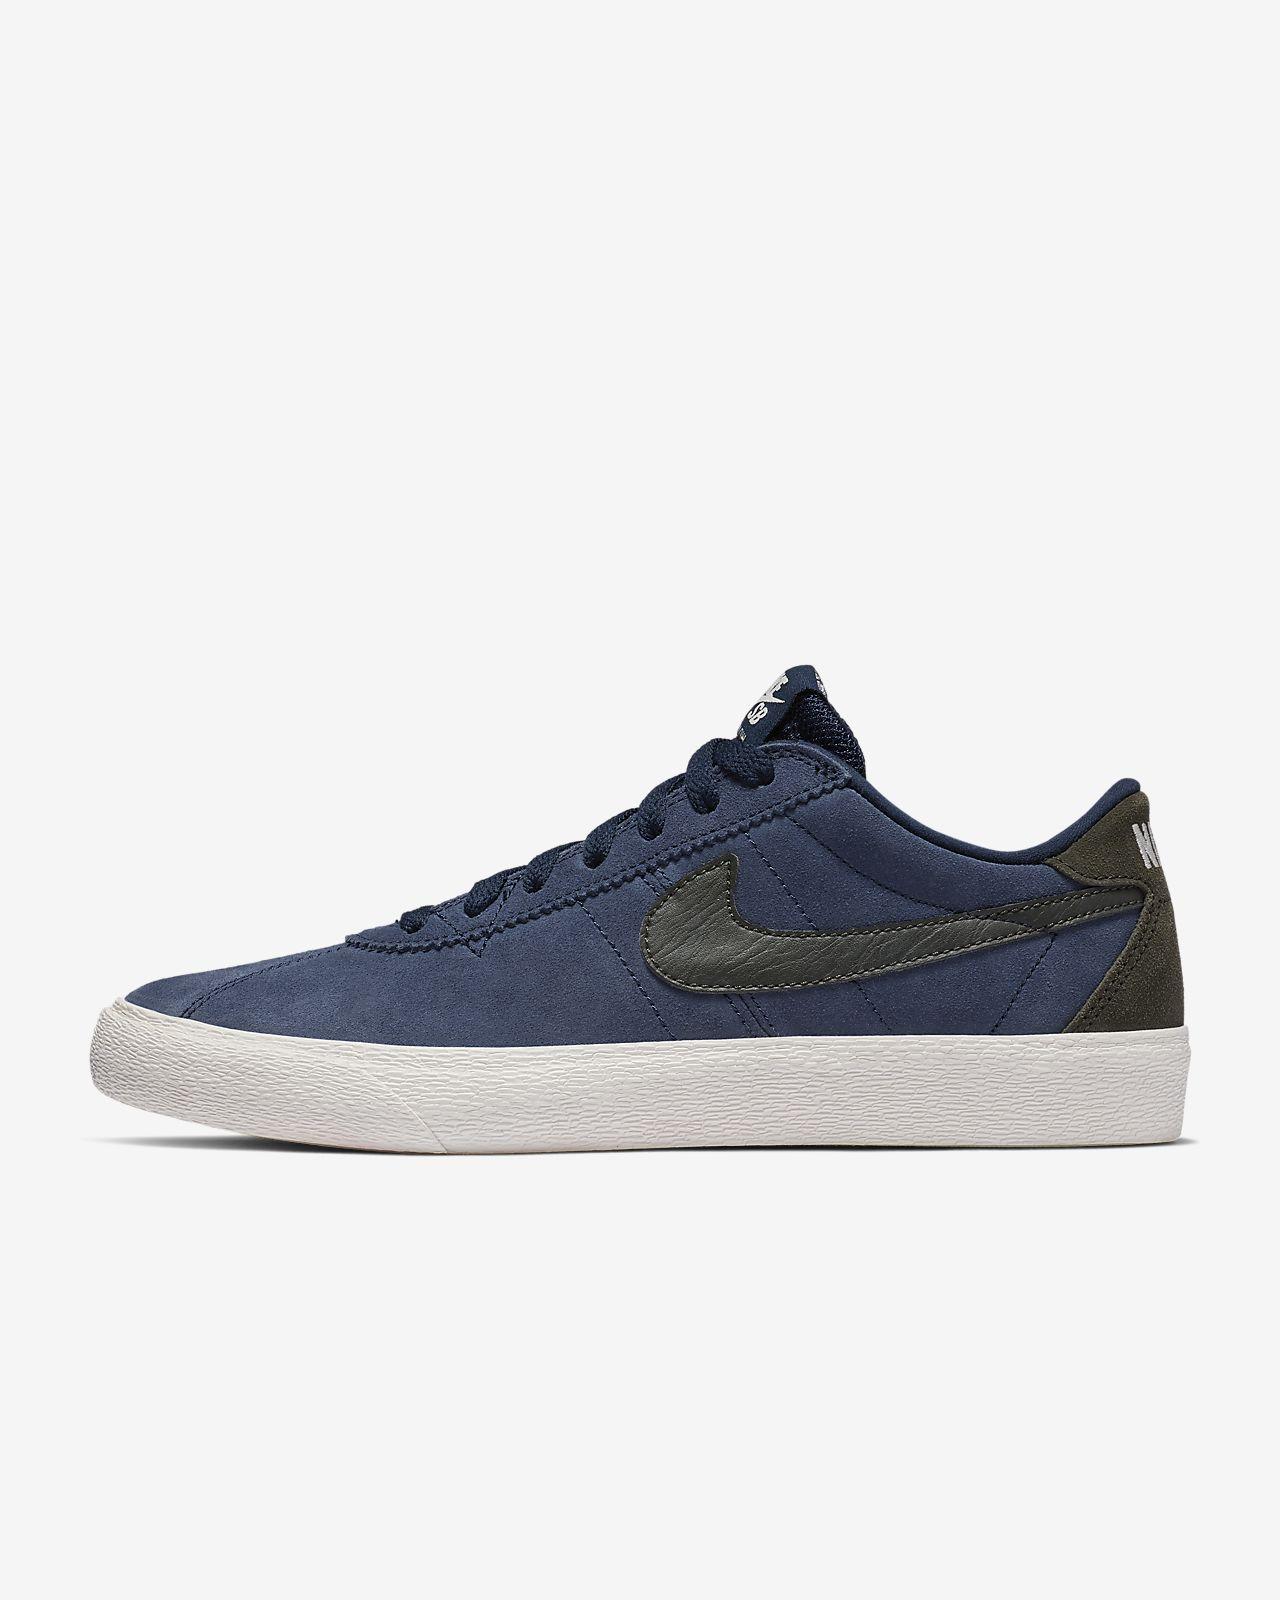 Nike SB Zoom Bruin Low Women s Skateboarding Shoe. Nike.com NO cd17bbcf7